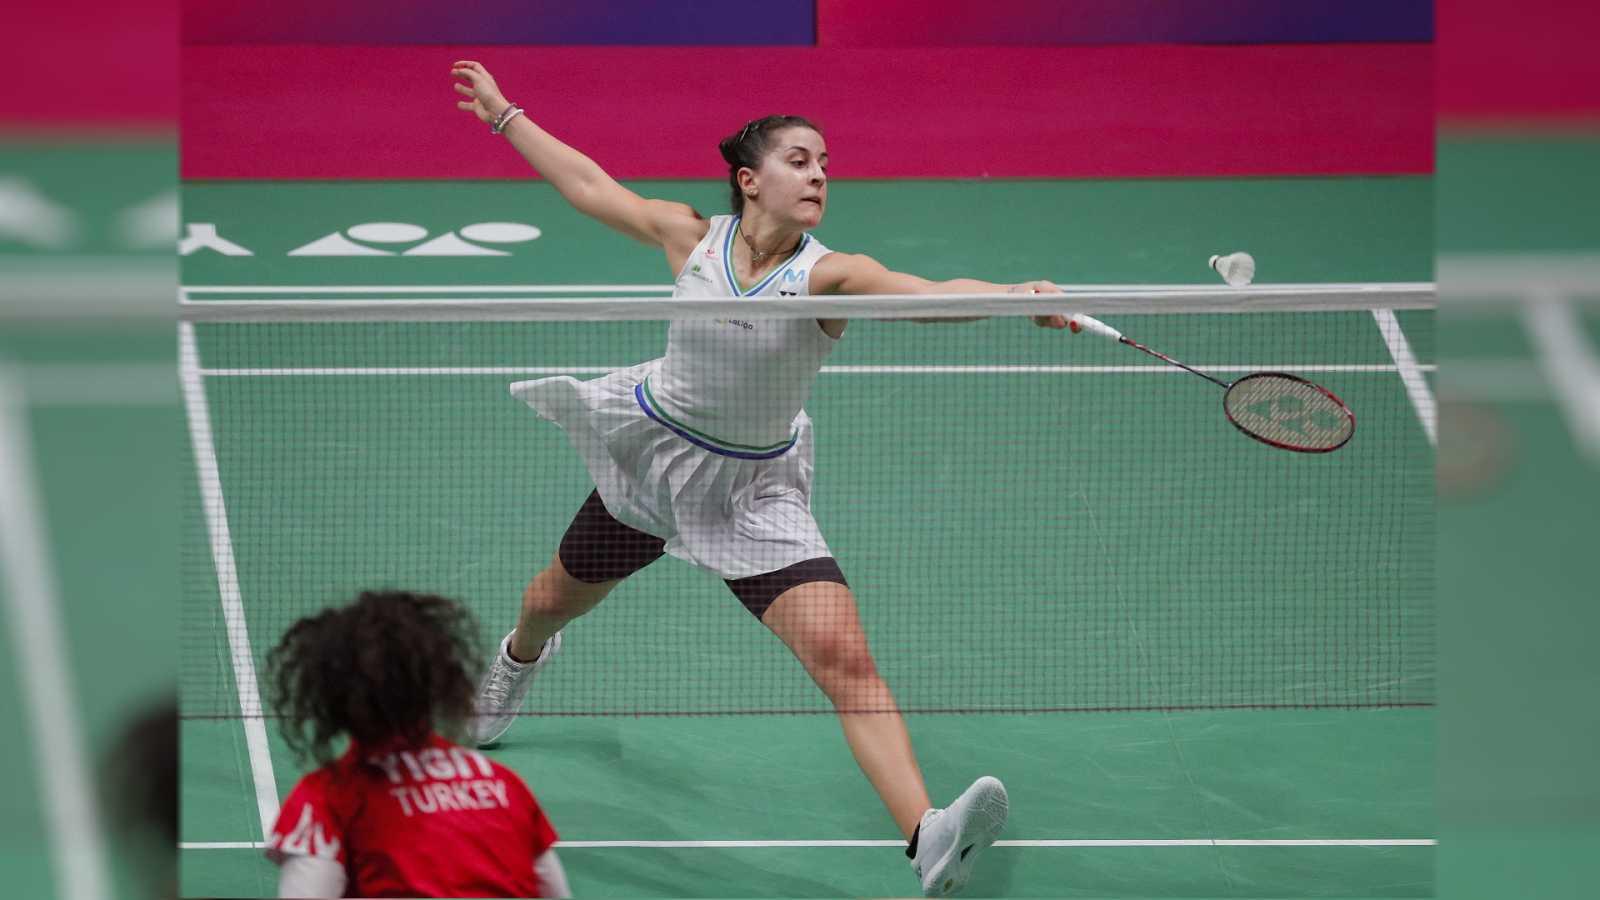 Bádminton - Campeonato de Europa. Semifinales: C. Marín - N. Yigit - ver ahora